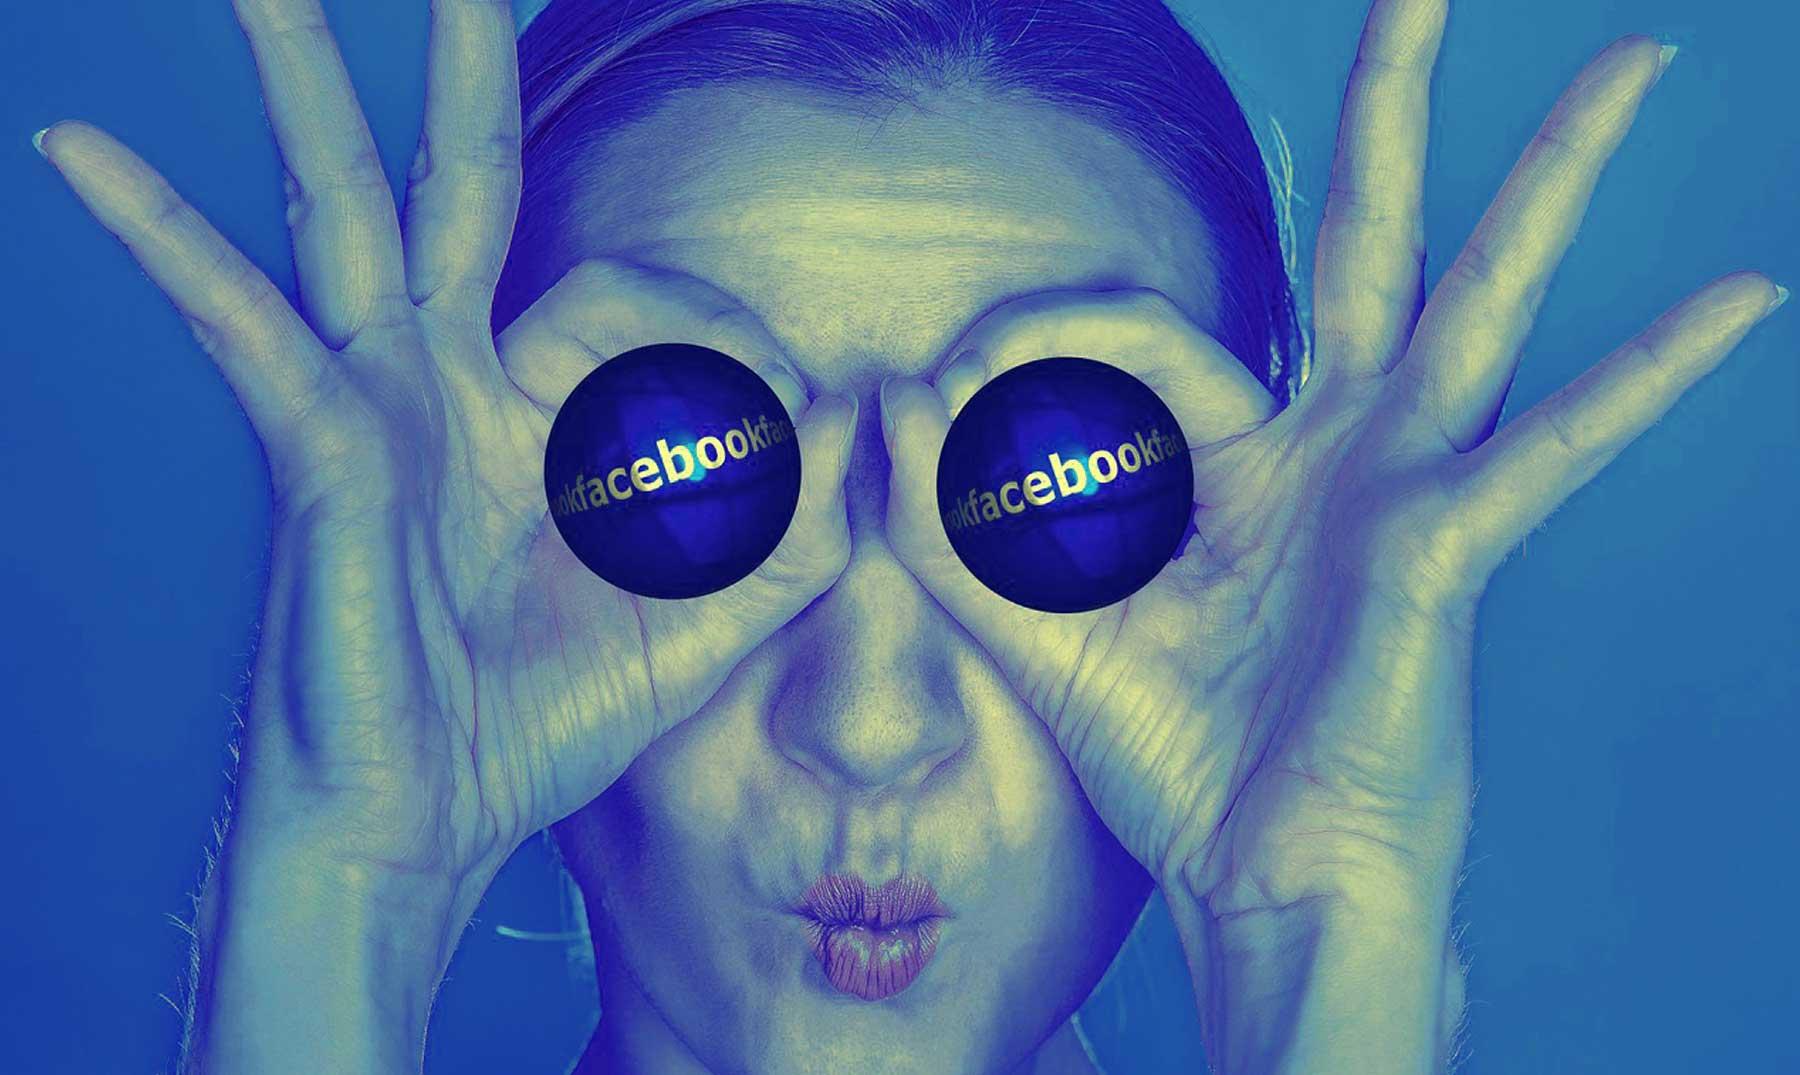 7 cosas raras que puedes hacer en Facebook